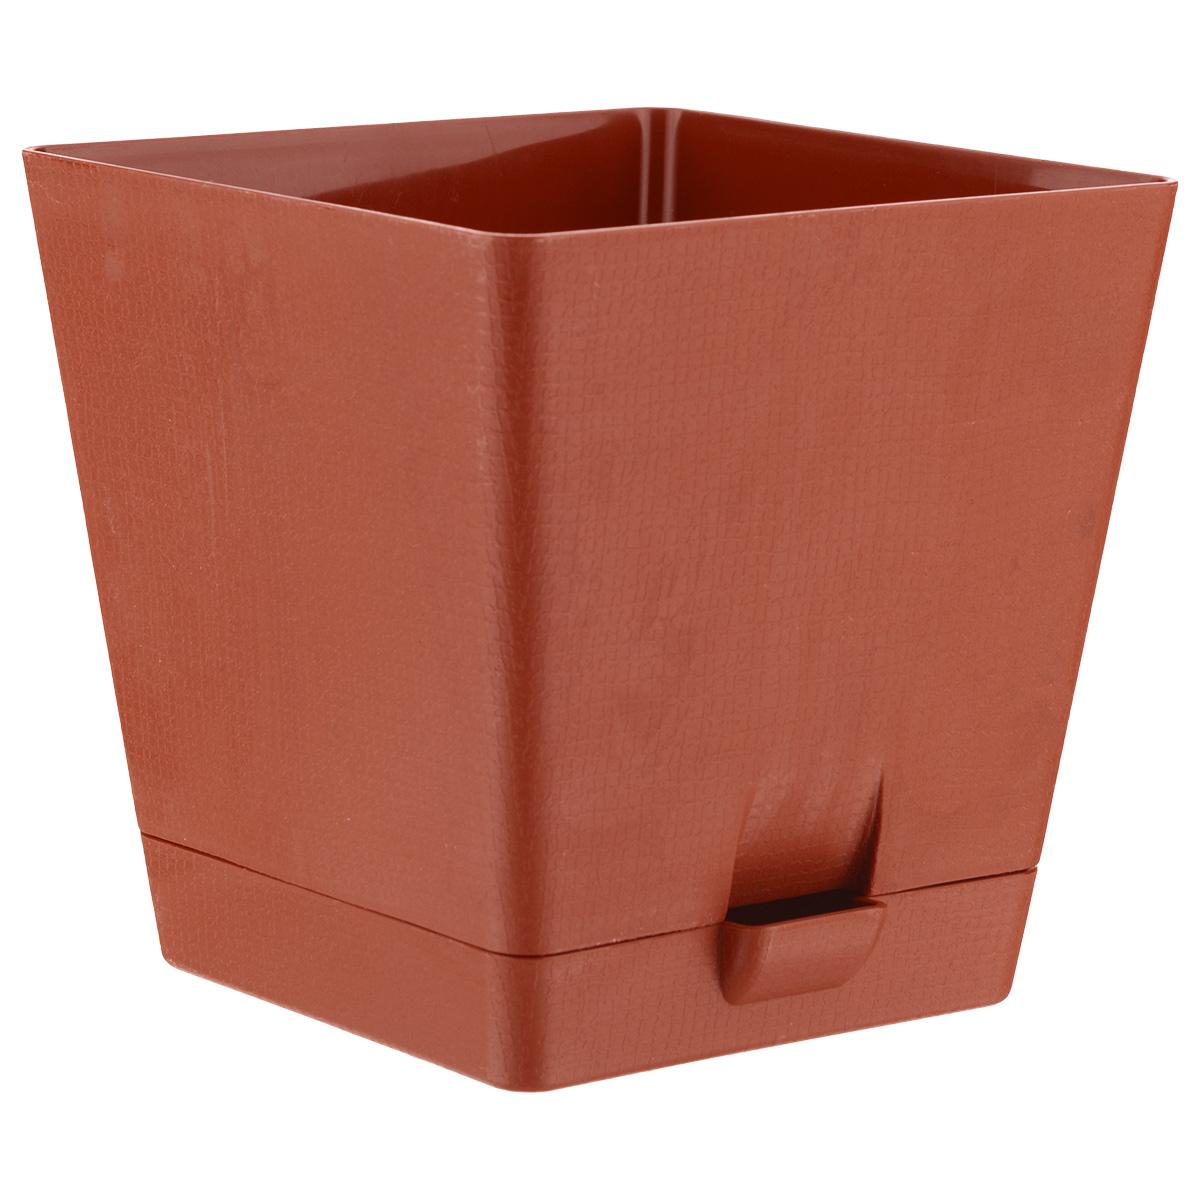 Горшок для цветов Le Parterre, с поддоном, цвет: терракотовый, 3 лZ-0307Горшок для цветов Le Parterre с системой прикорневого полива выполнен из полипропилена (пластика) и предназначен для выращивания в нем цветов, растений и трав. Система прикорневого полива способствует вентиляции и дренажу корневой системы растения. Такой горшок порадует вас современным дизайном и функциональностью, а также оригинально украсит интерьер помещения.